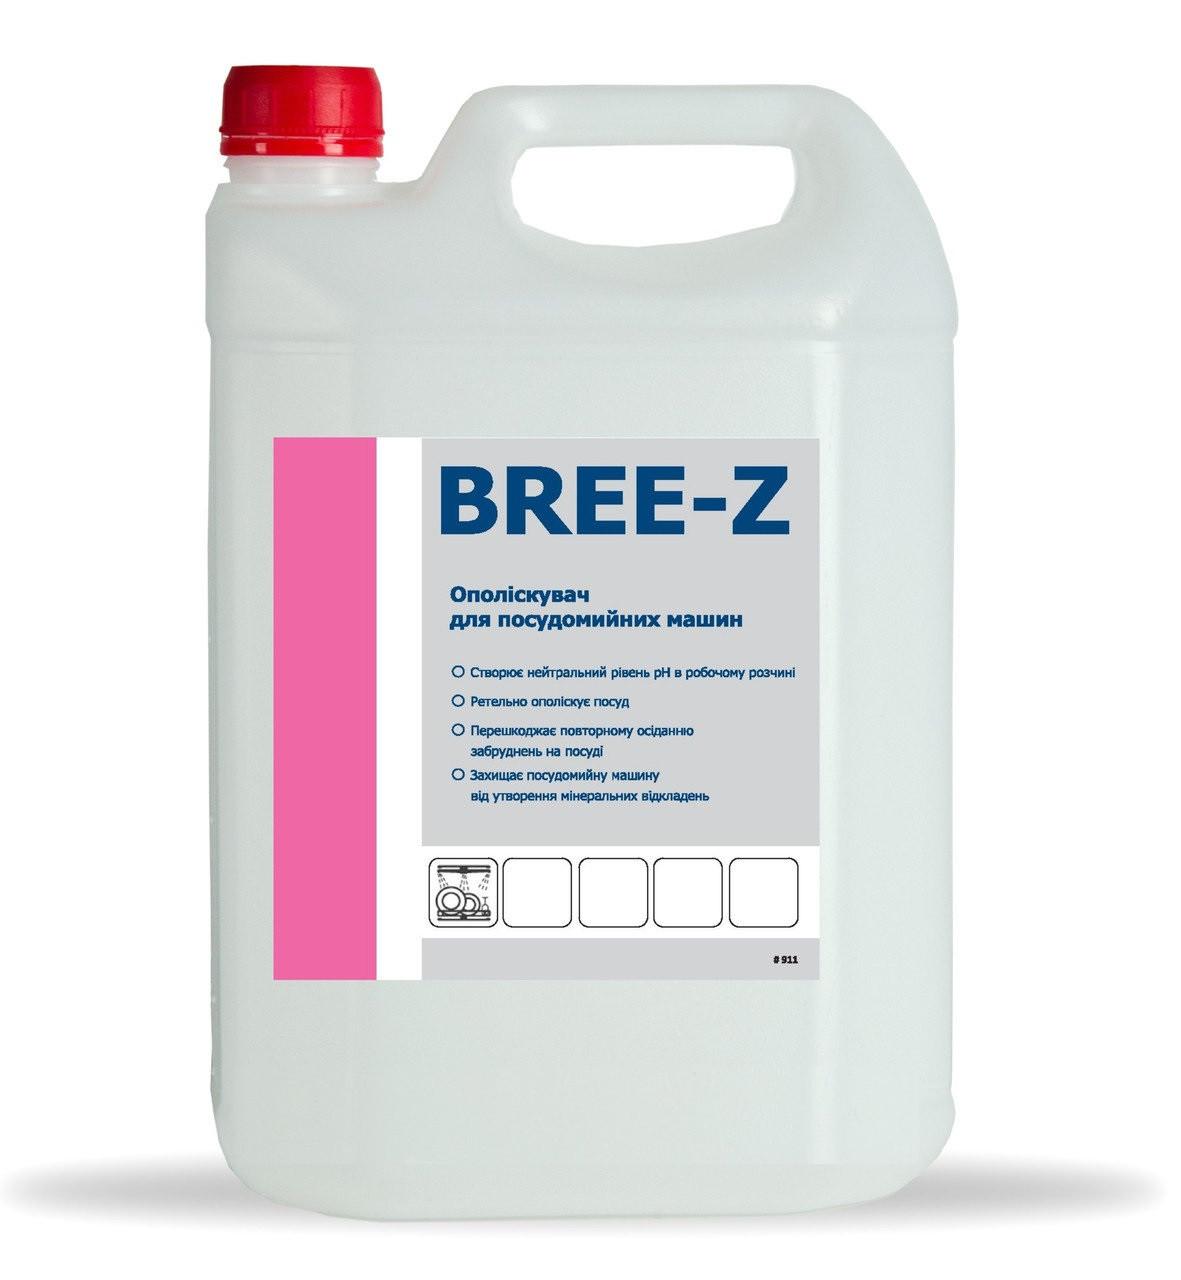 Ополаскиватель для посудомойки Bree-Z (5,5кг)